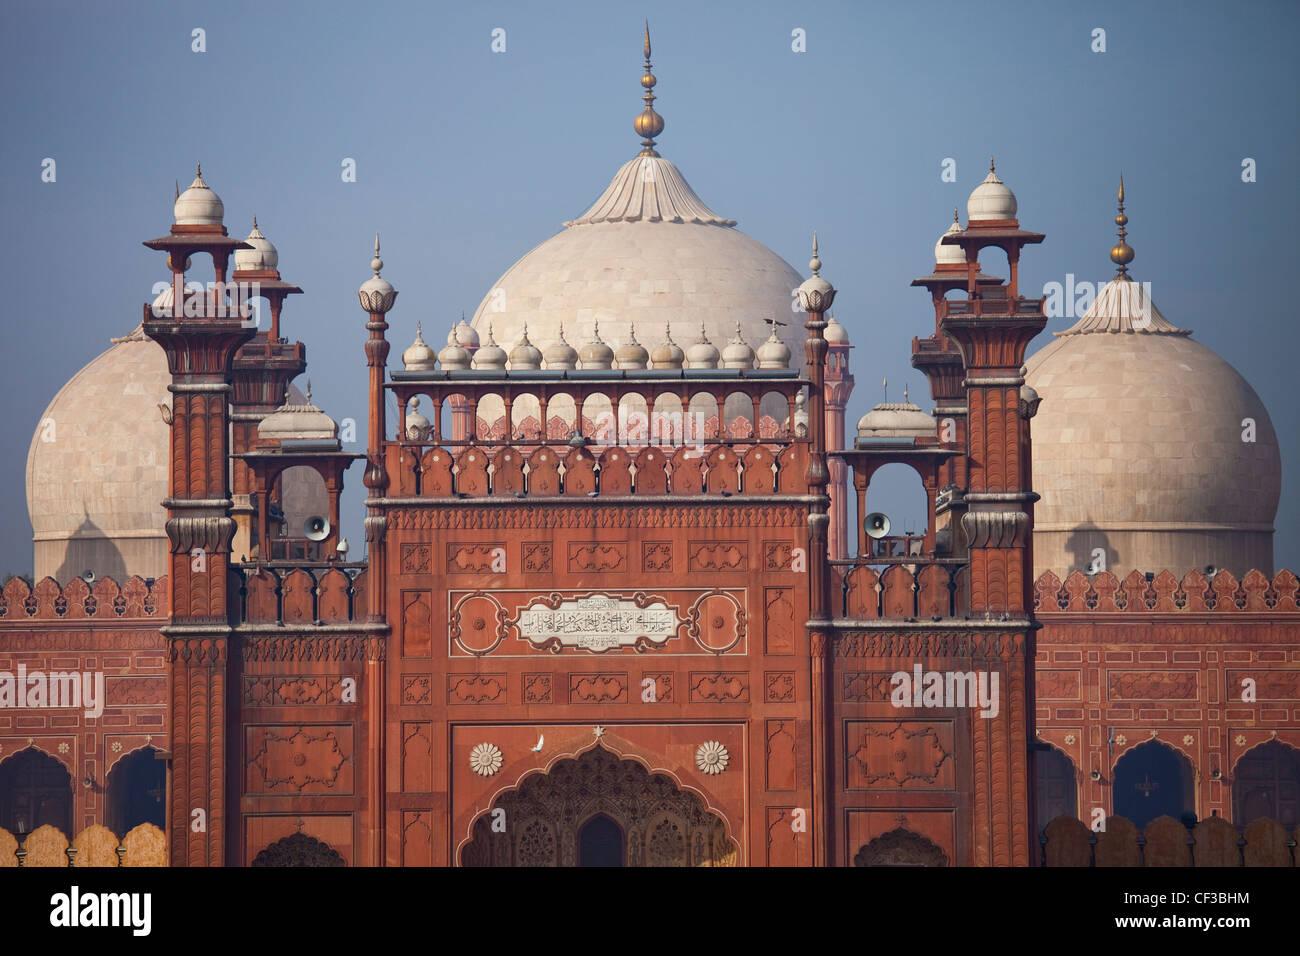 La Mezquita Badshahi, Lahore, Pakistán Foto de stock